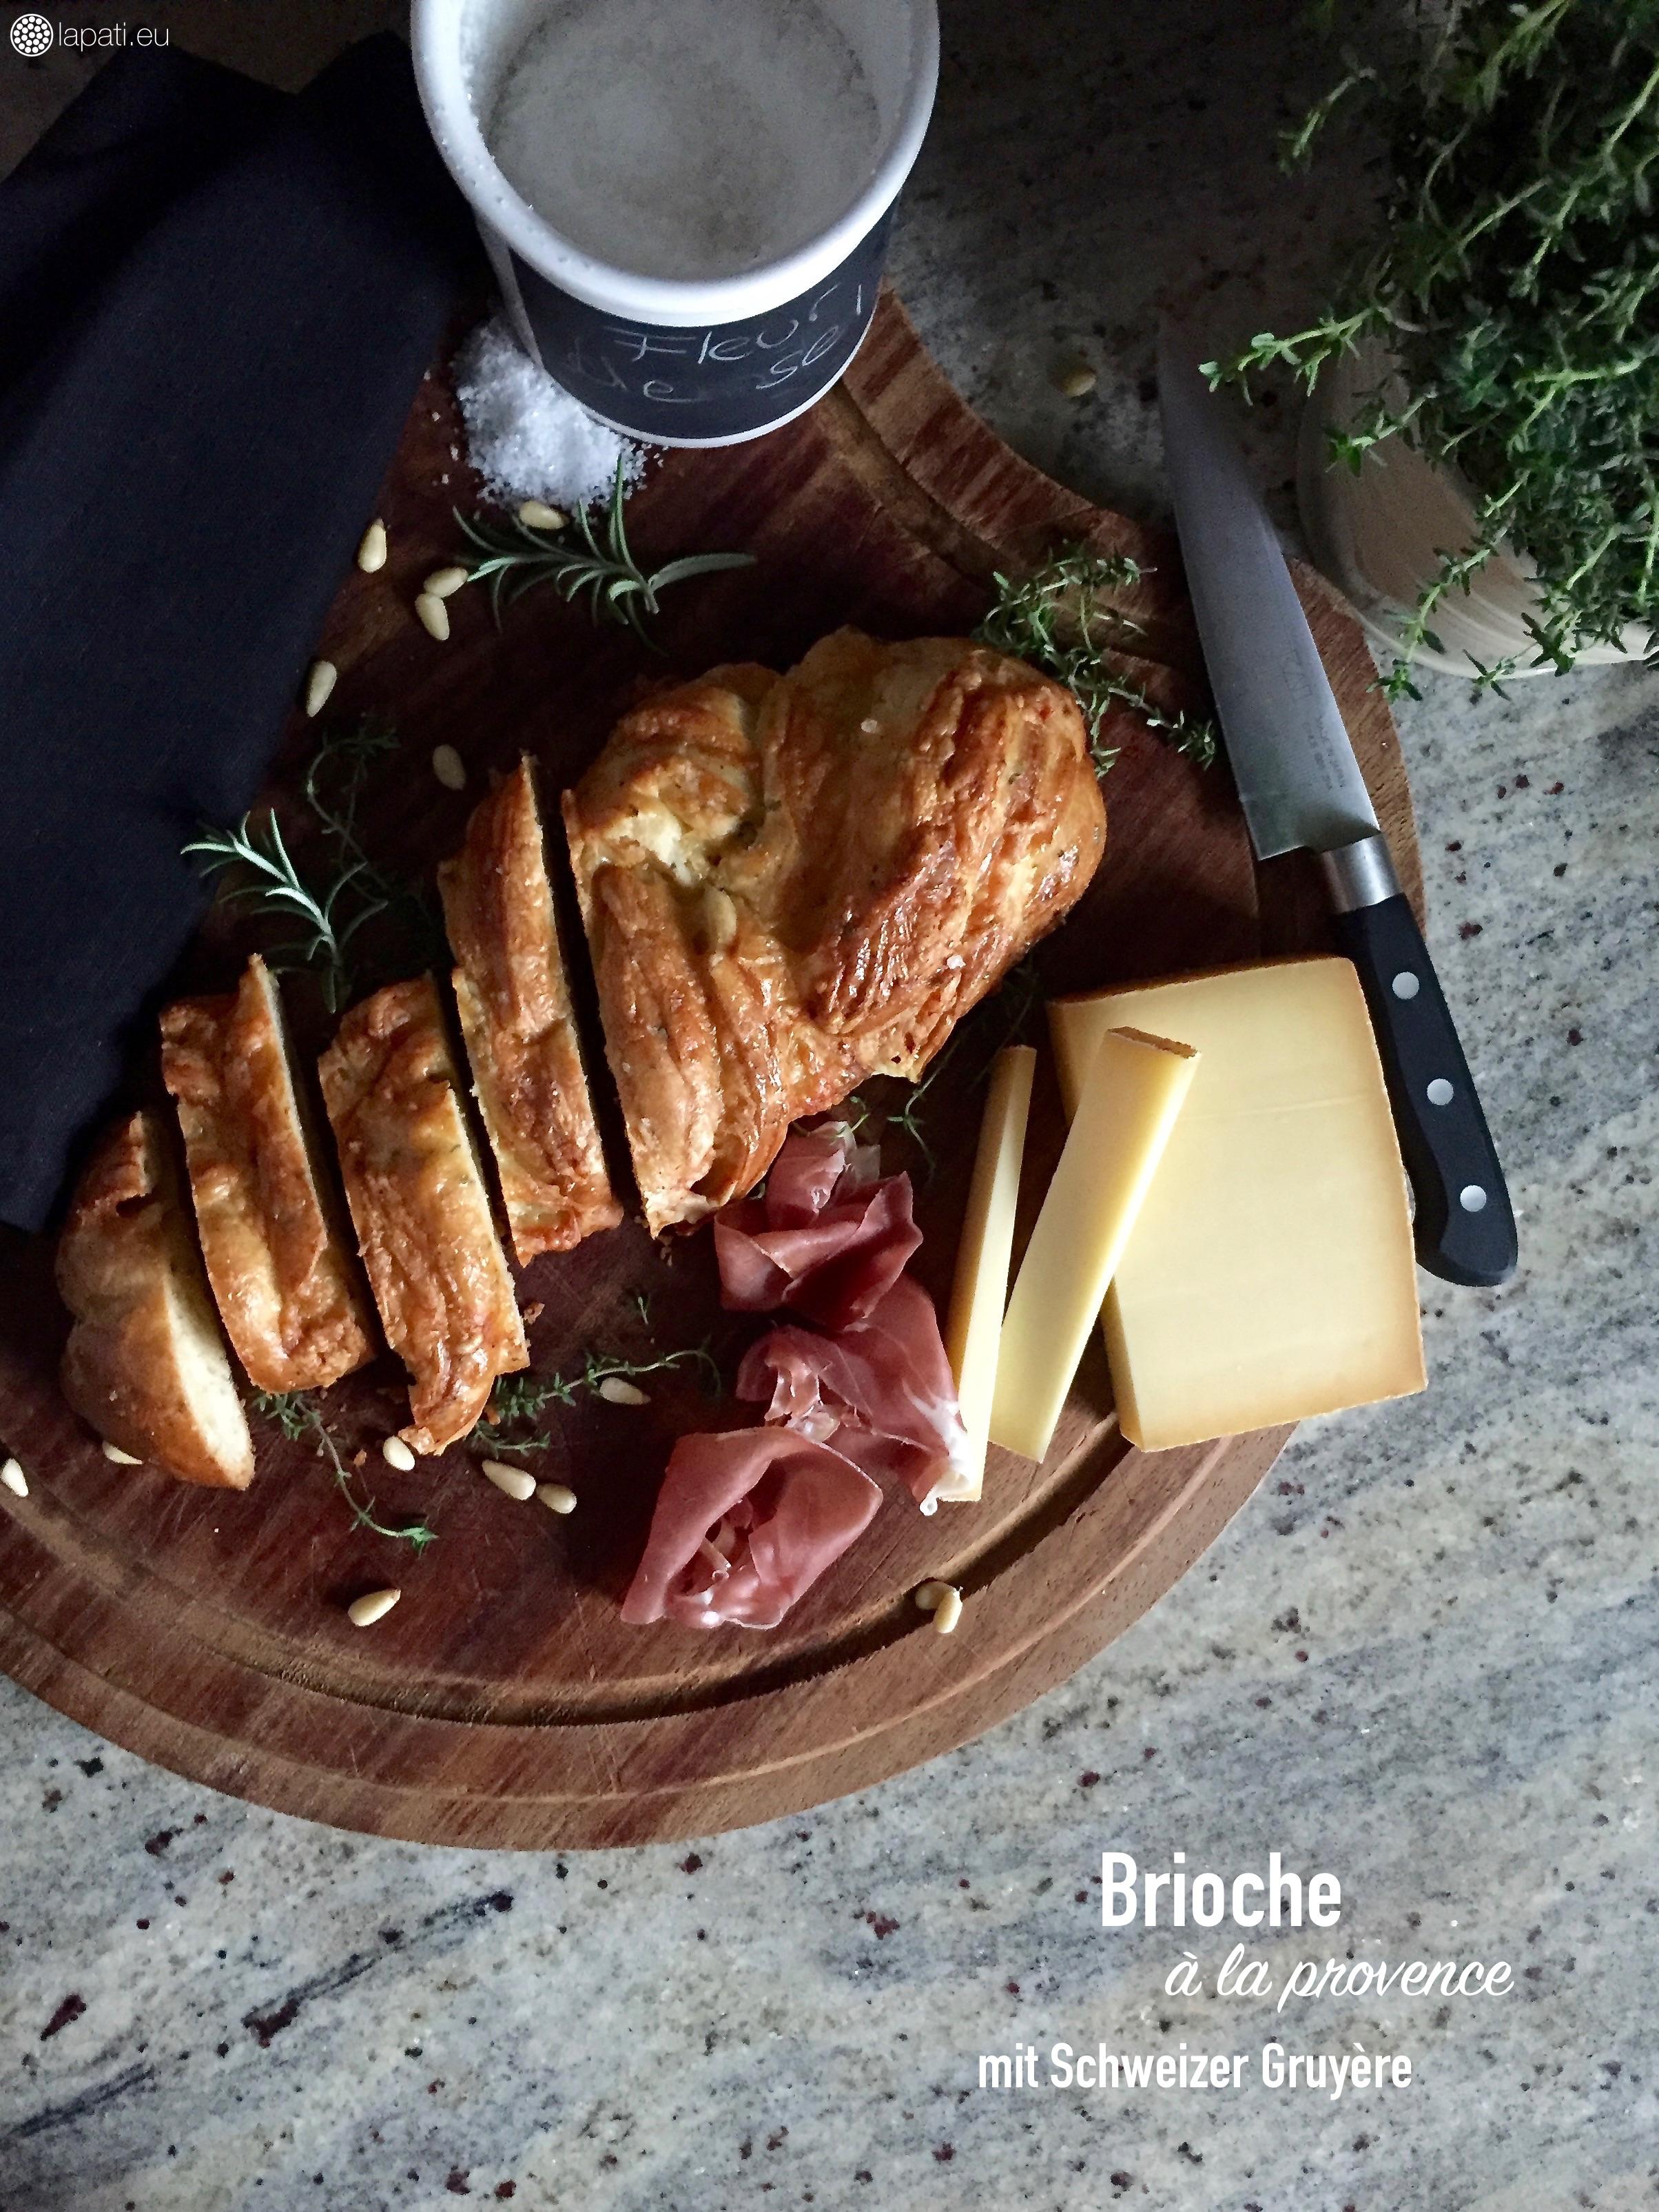 Ich liebe Brioche! Und herzhaft mit Kräutern und Käse umso mehr.